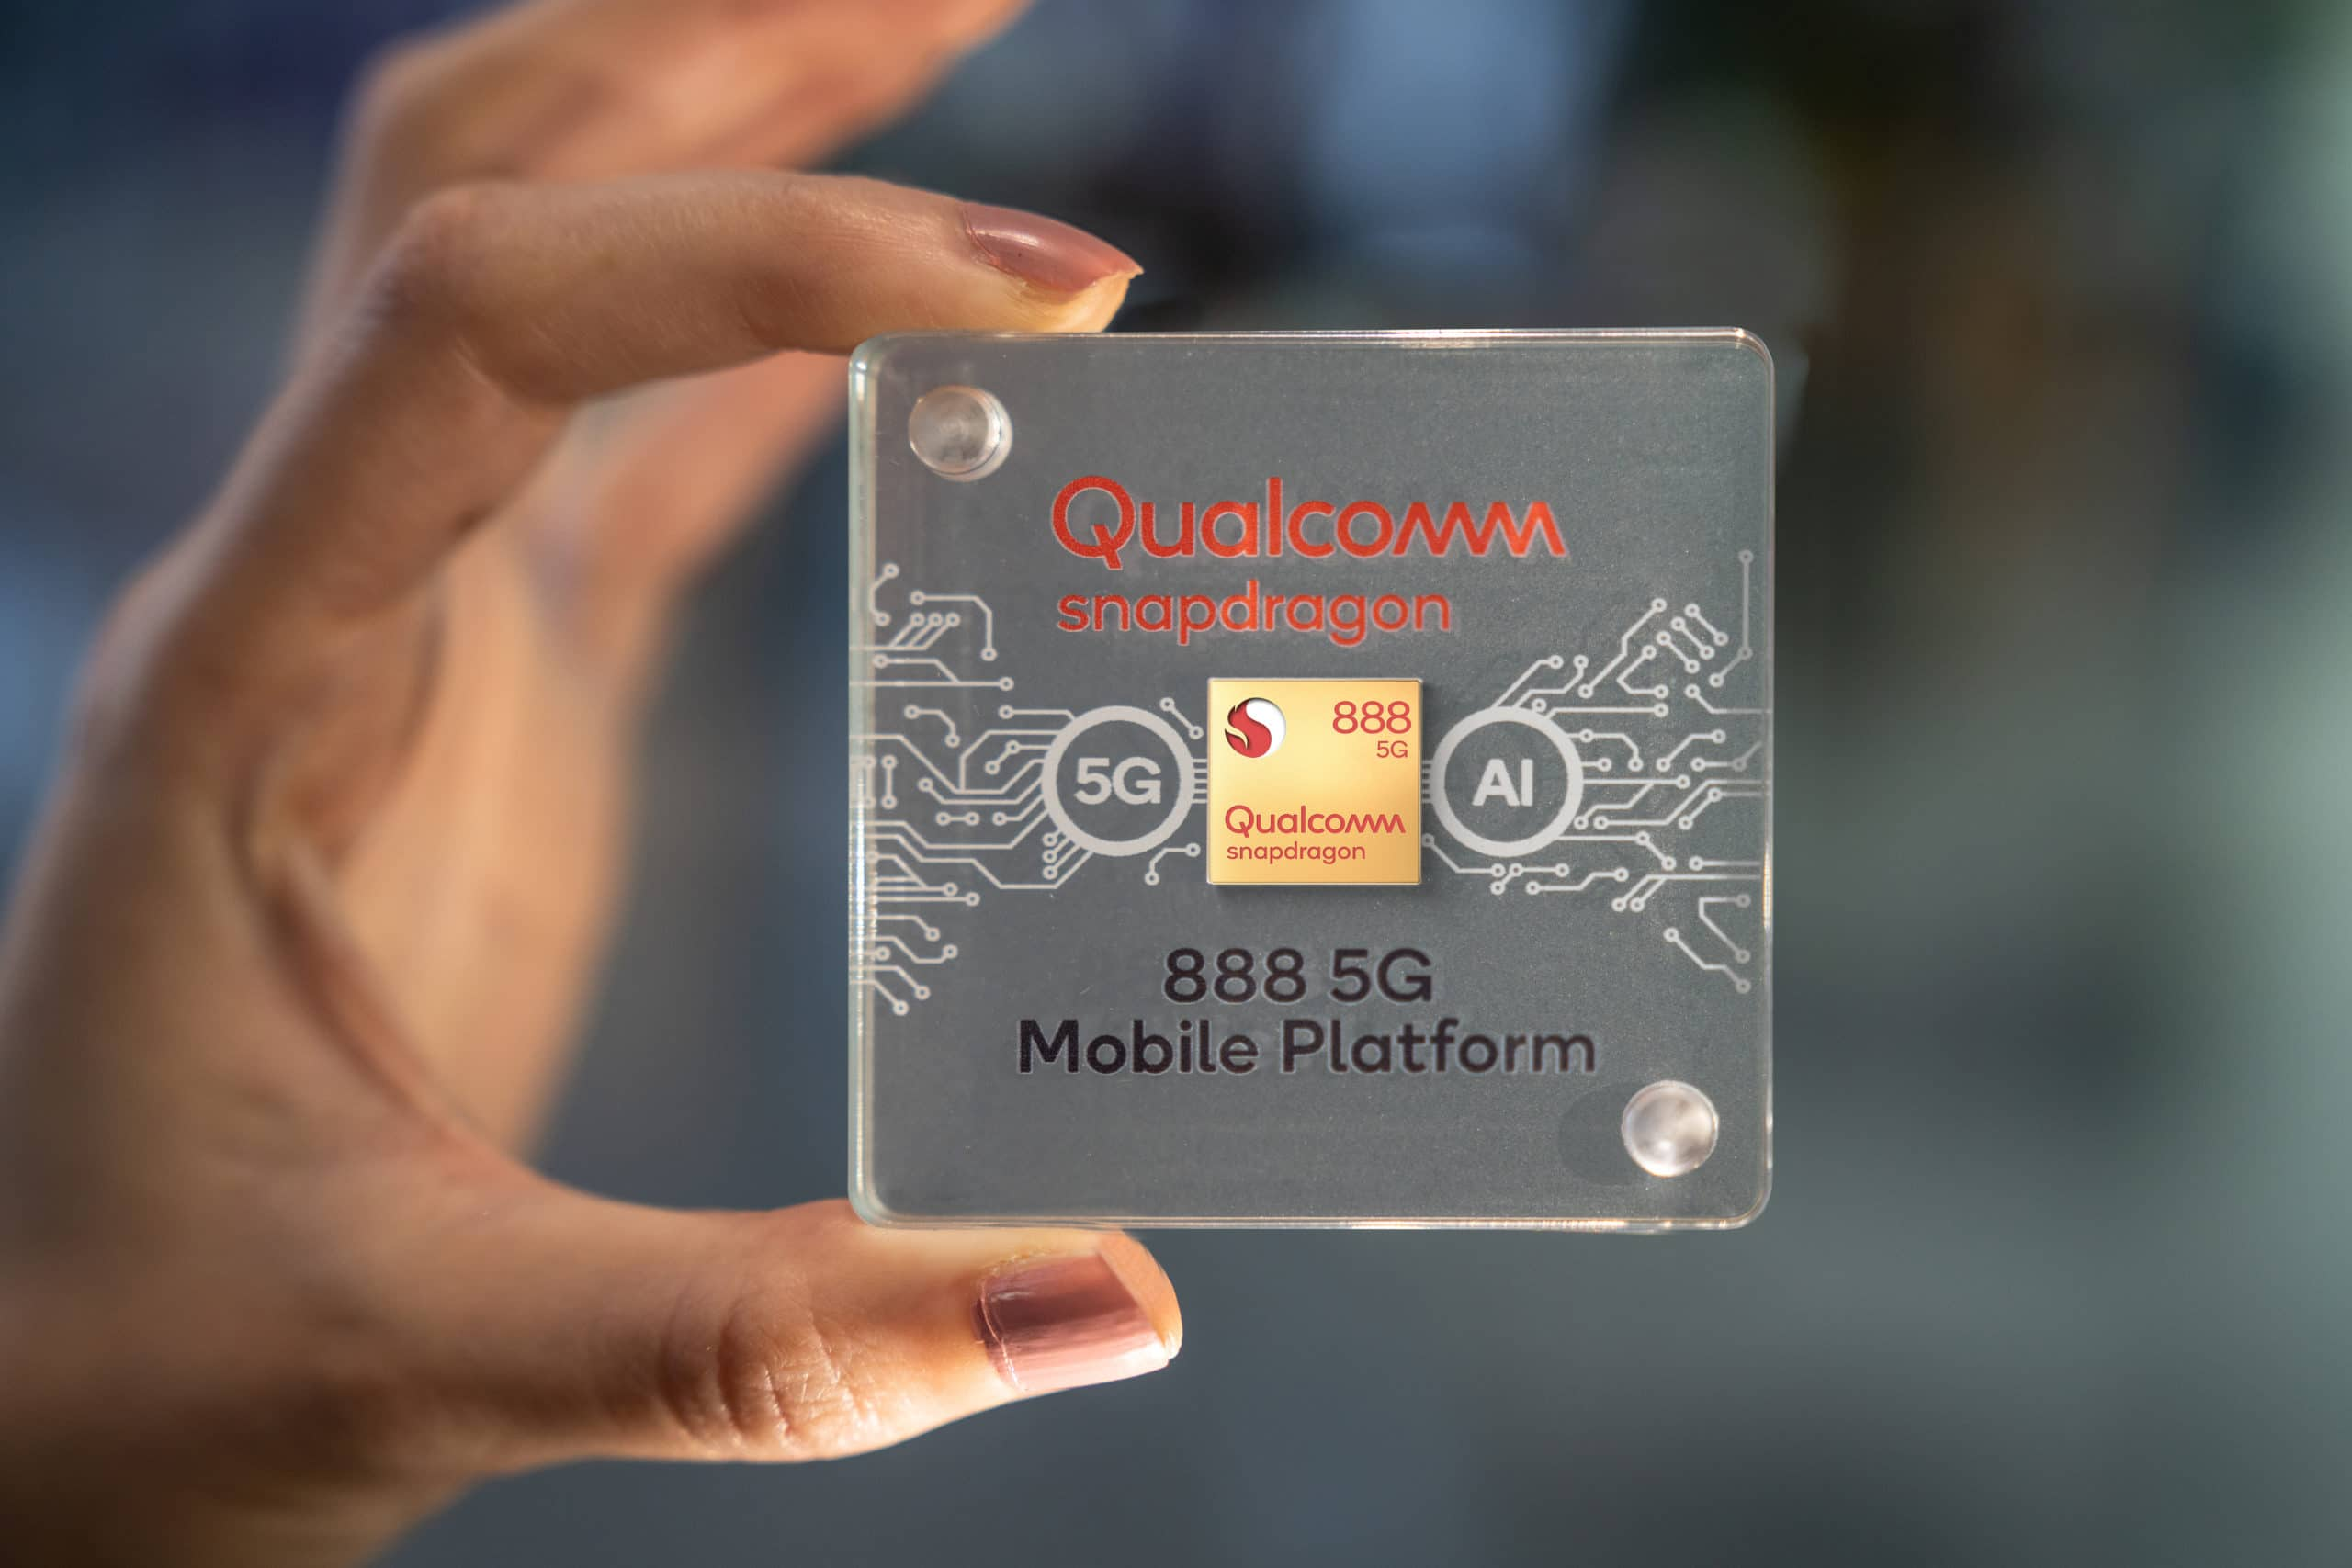 Qualcomm intros flagship Snapdragon 888 5G mobile platform 14